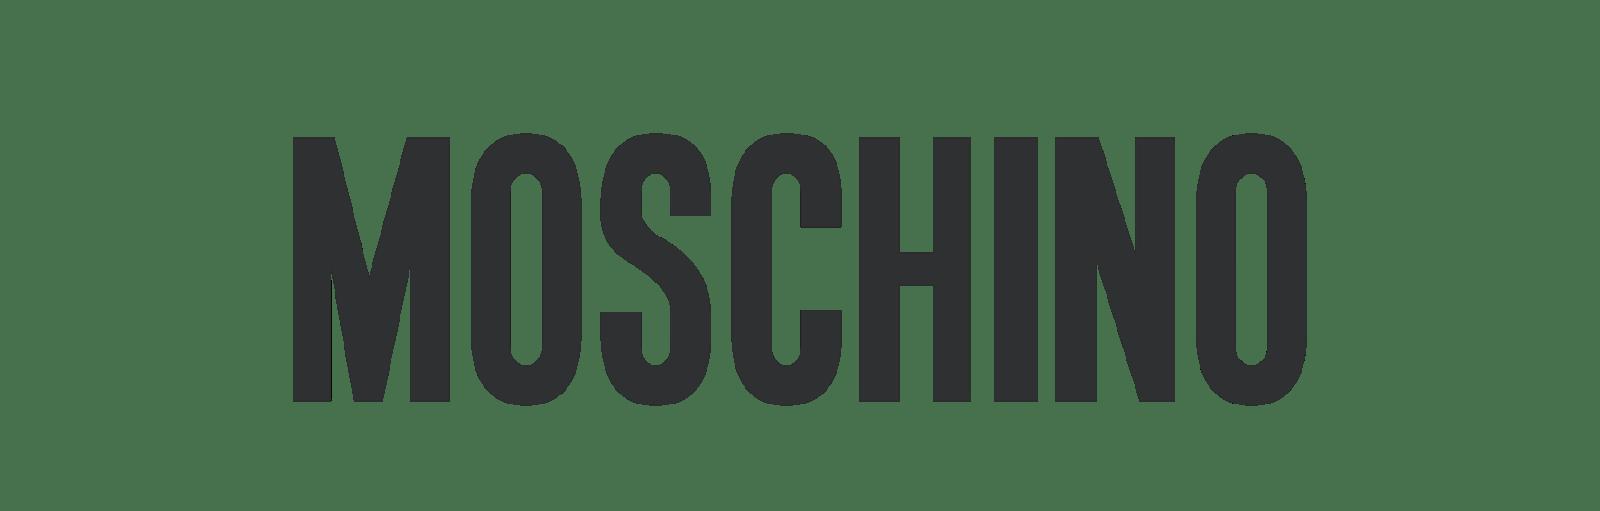 01. Moschino